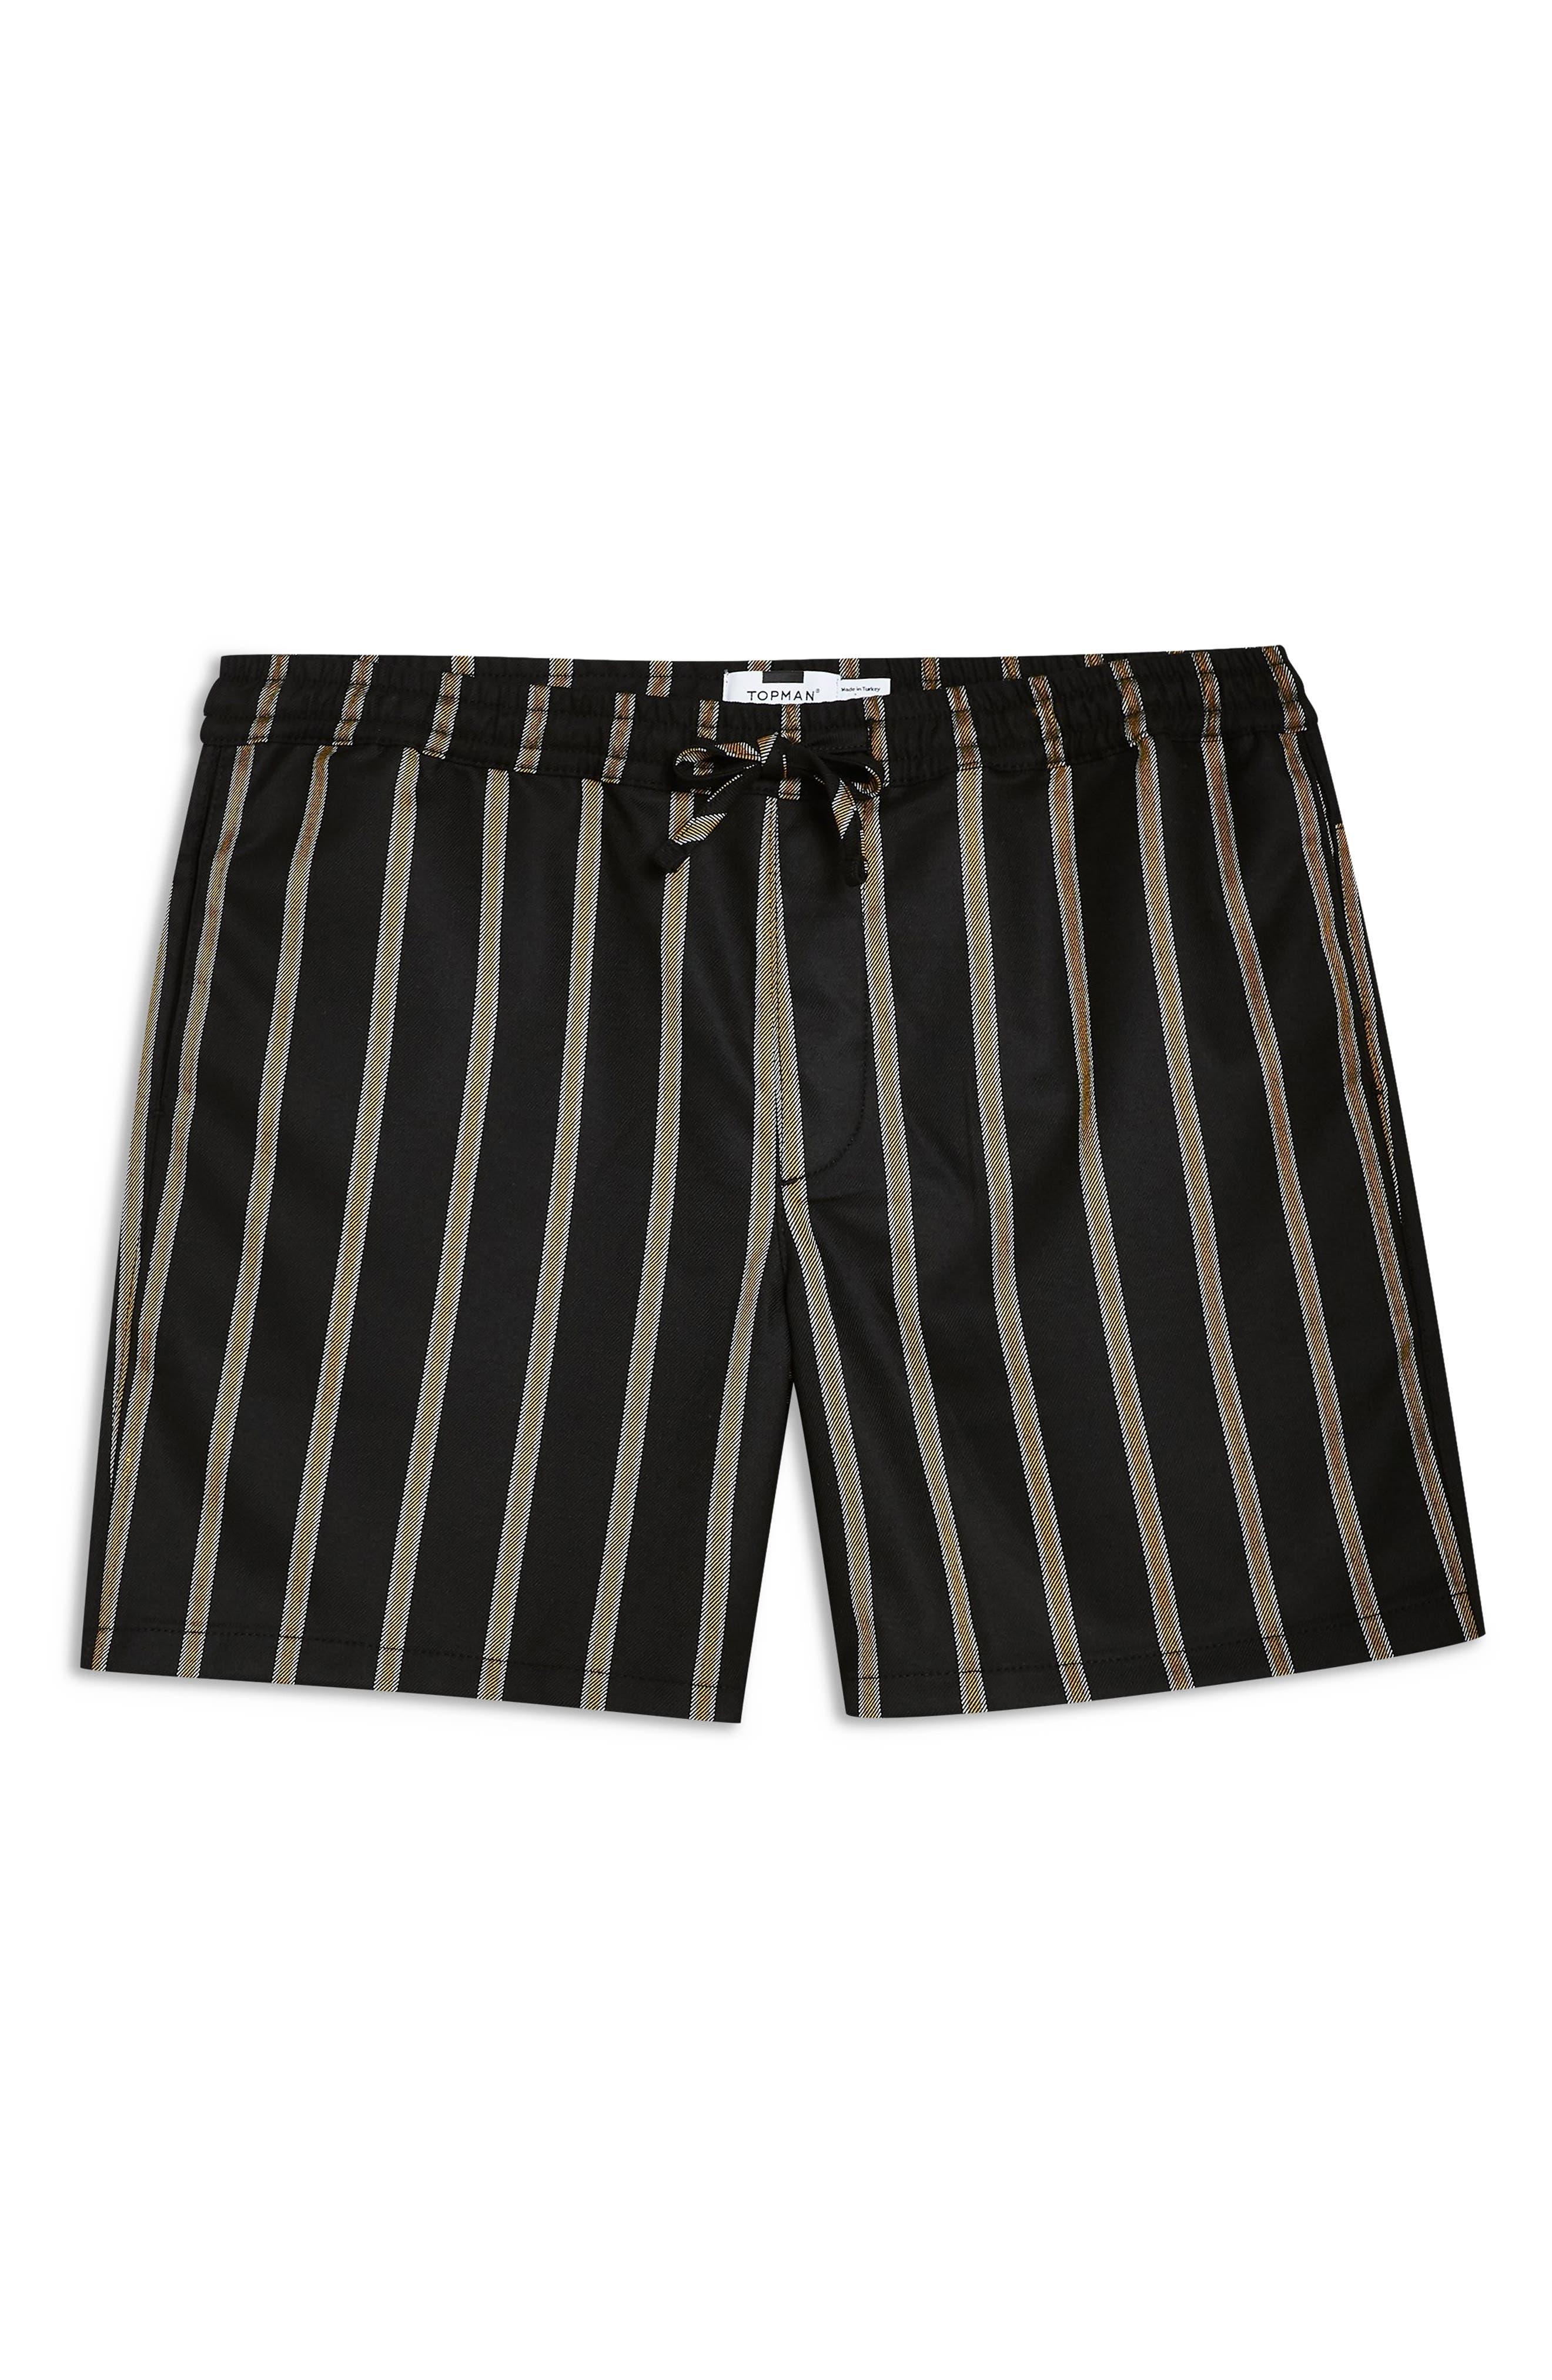 Striped Swim Shorts,                             Alternate thumbnail 4, color,                             BLACK MULTI